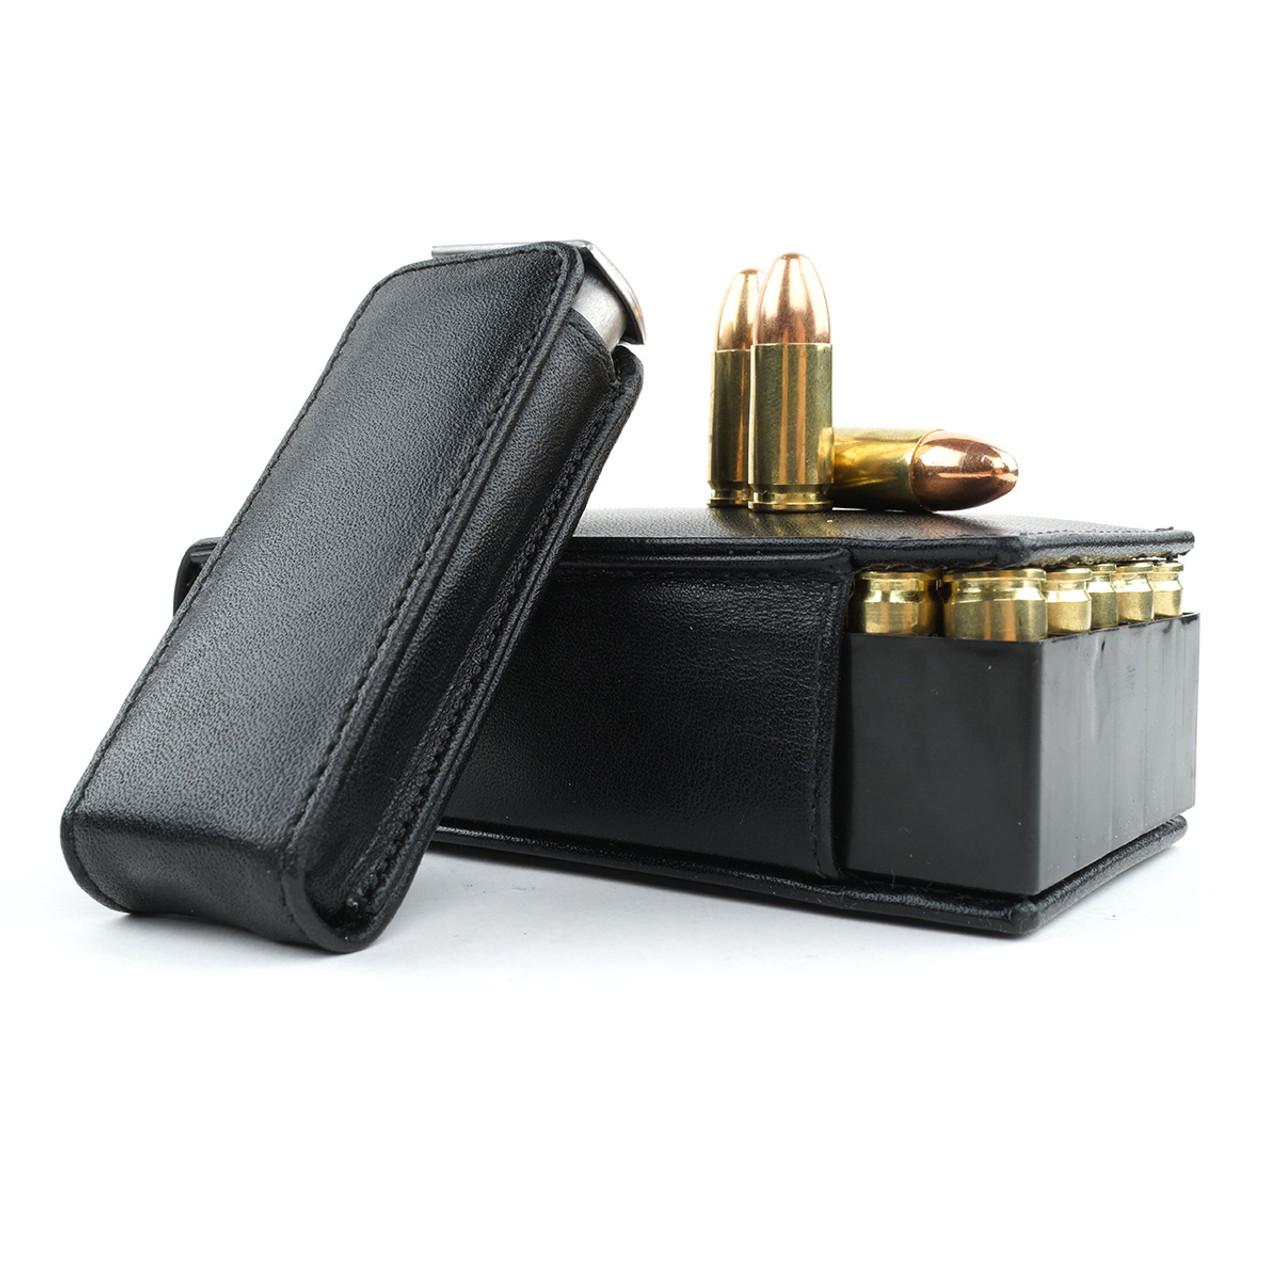 Kahr PM40 Leather Bullet Brick